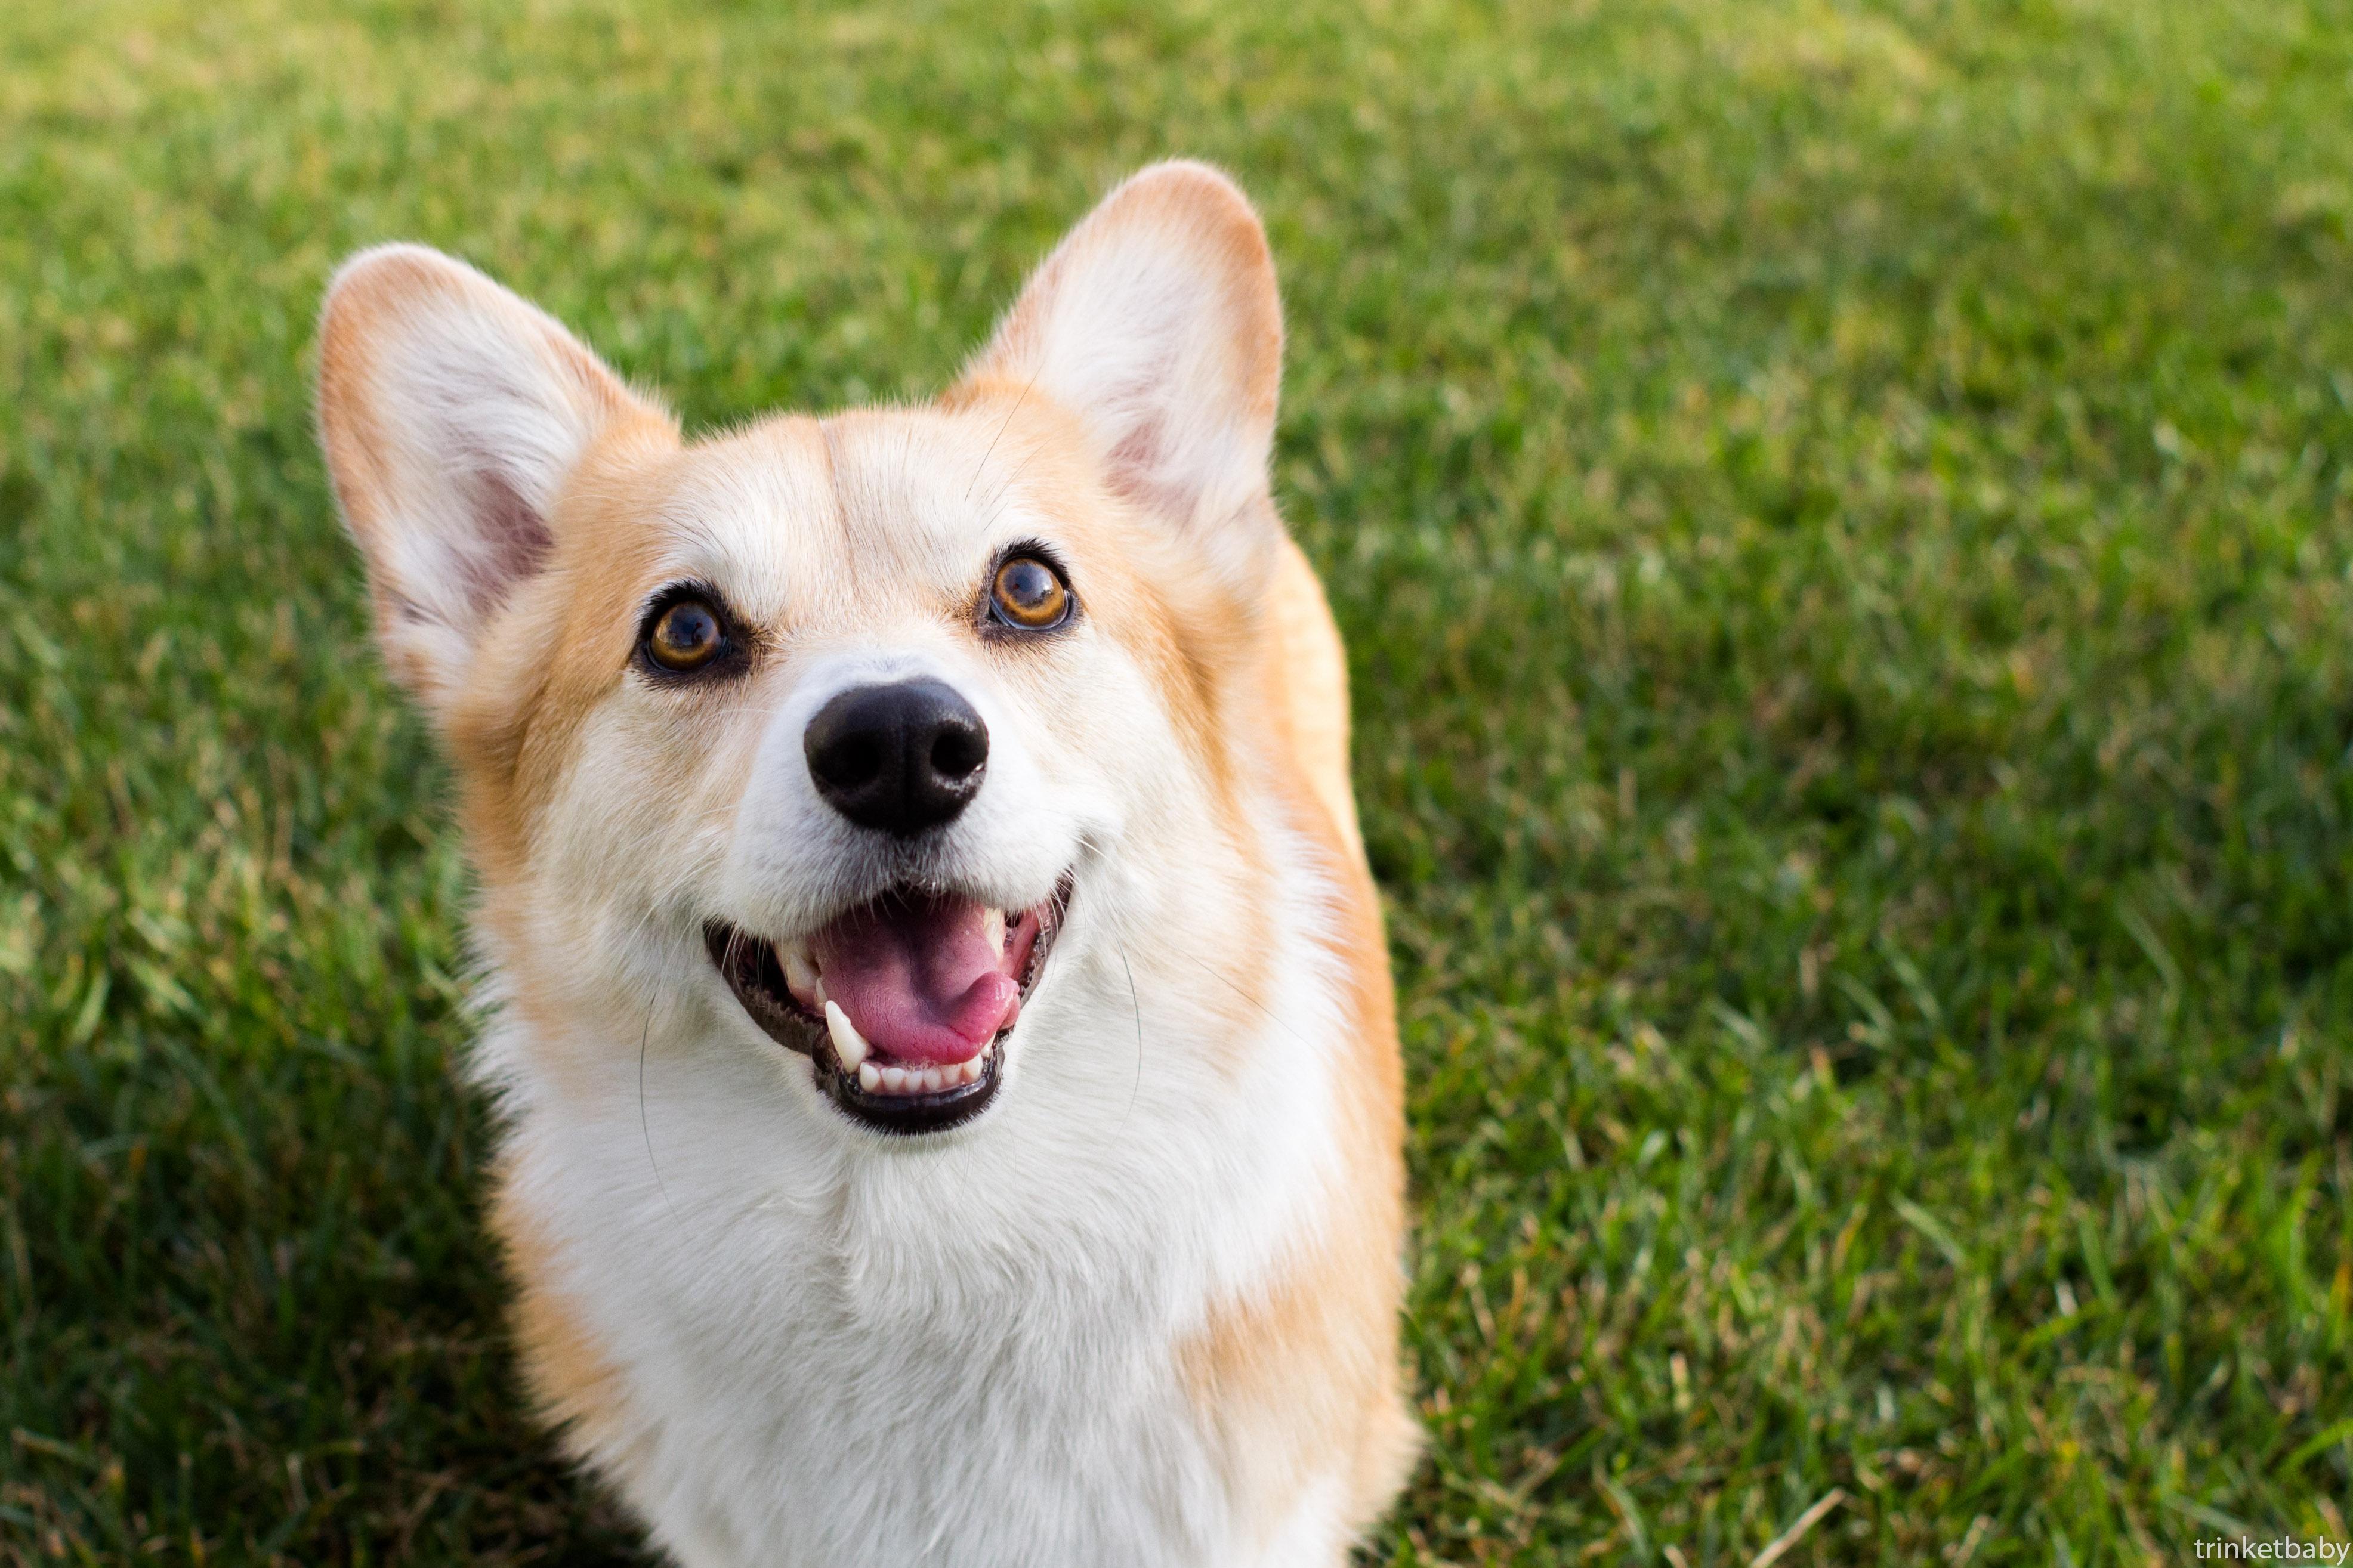 デスクトップ壁紙 哺乳類のような犬 犬種 ペンブローク ウェールズ コーギー 犬の品種グループ 鼻 草 カーディガンウェールズコーギー アイスランドのシープドッグ Companion Dog カルニボラン ウィスカー 犬の交雑 3944x2629 4119 デスクトップ